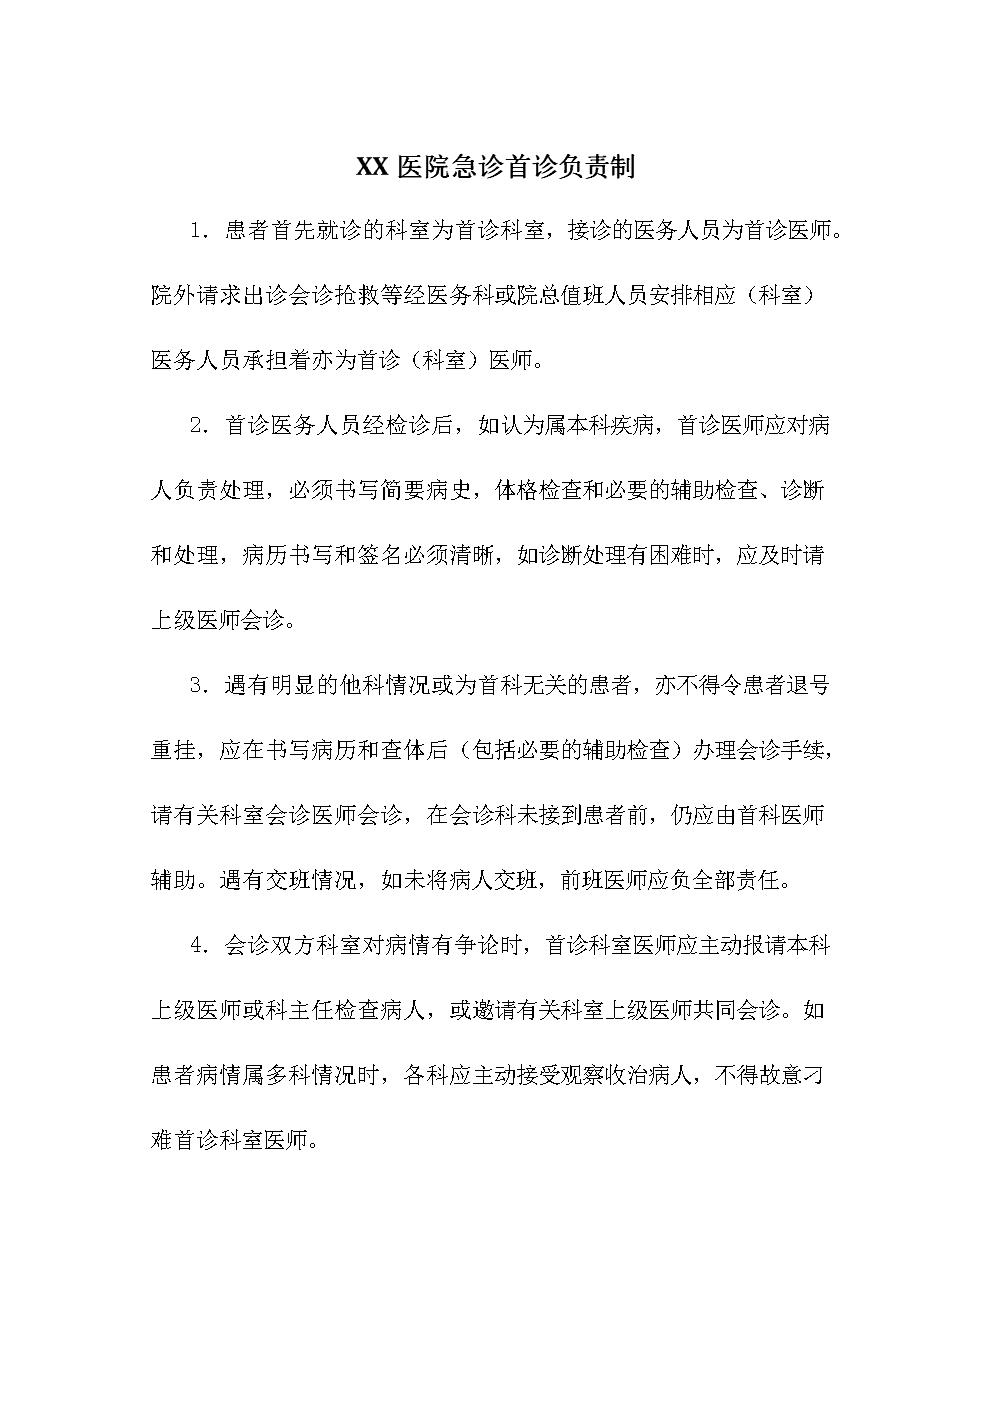 XX医院急诊首诊负责制.docx